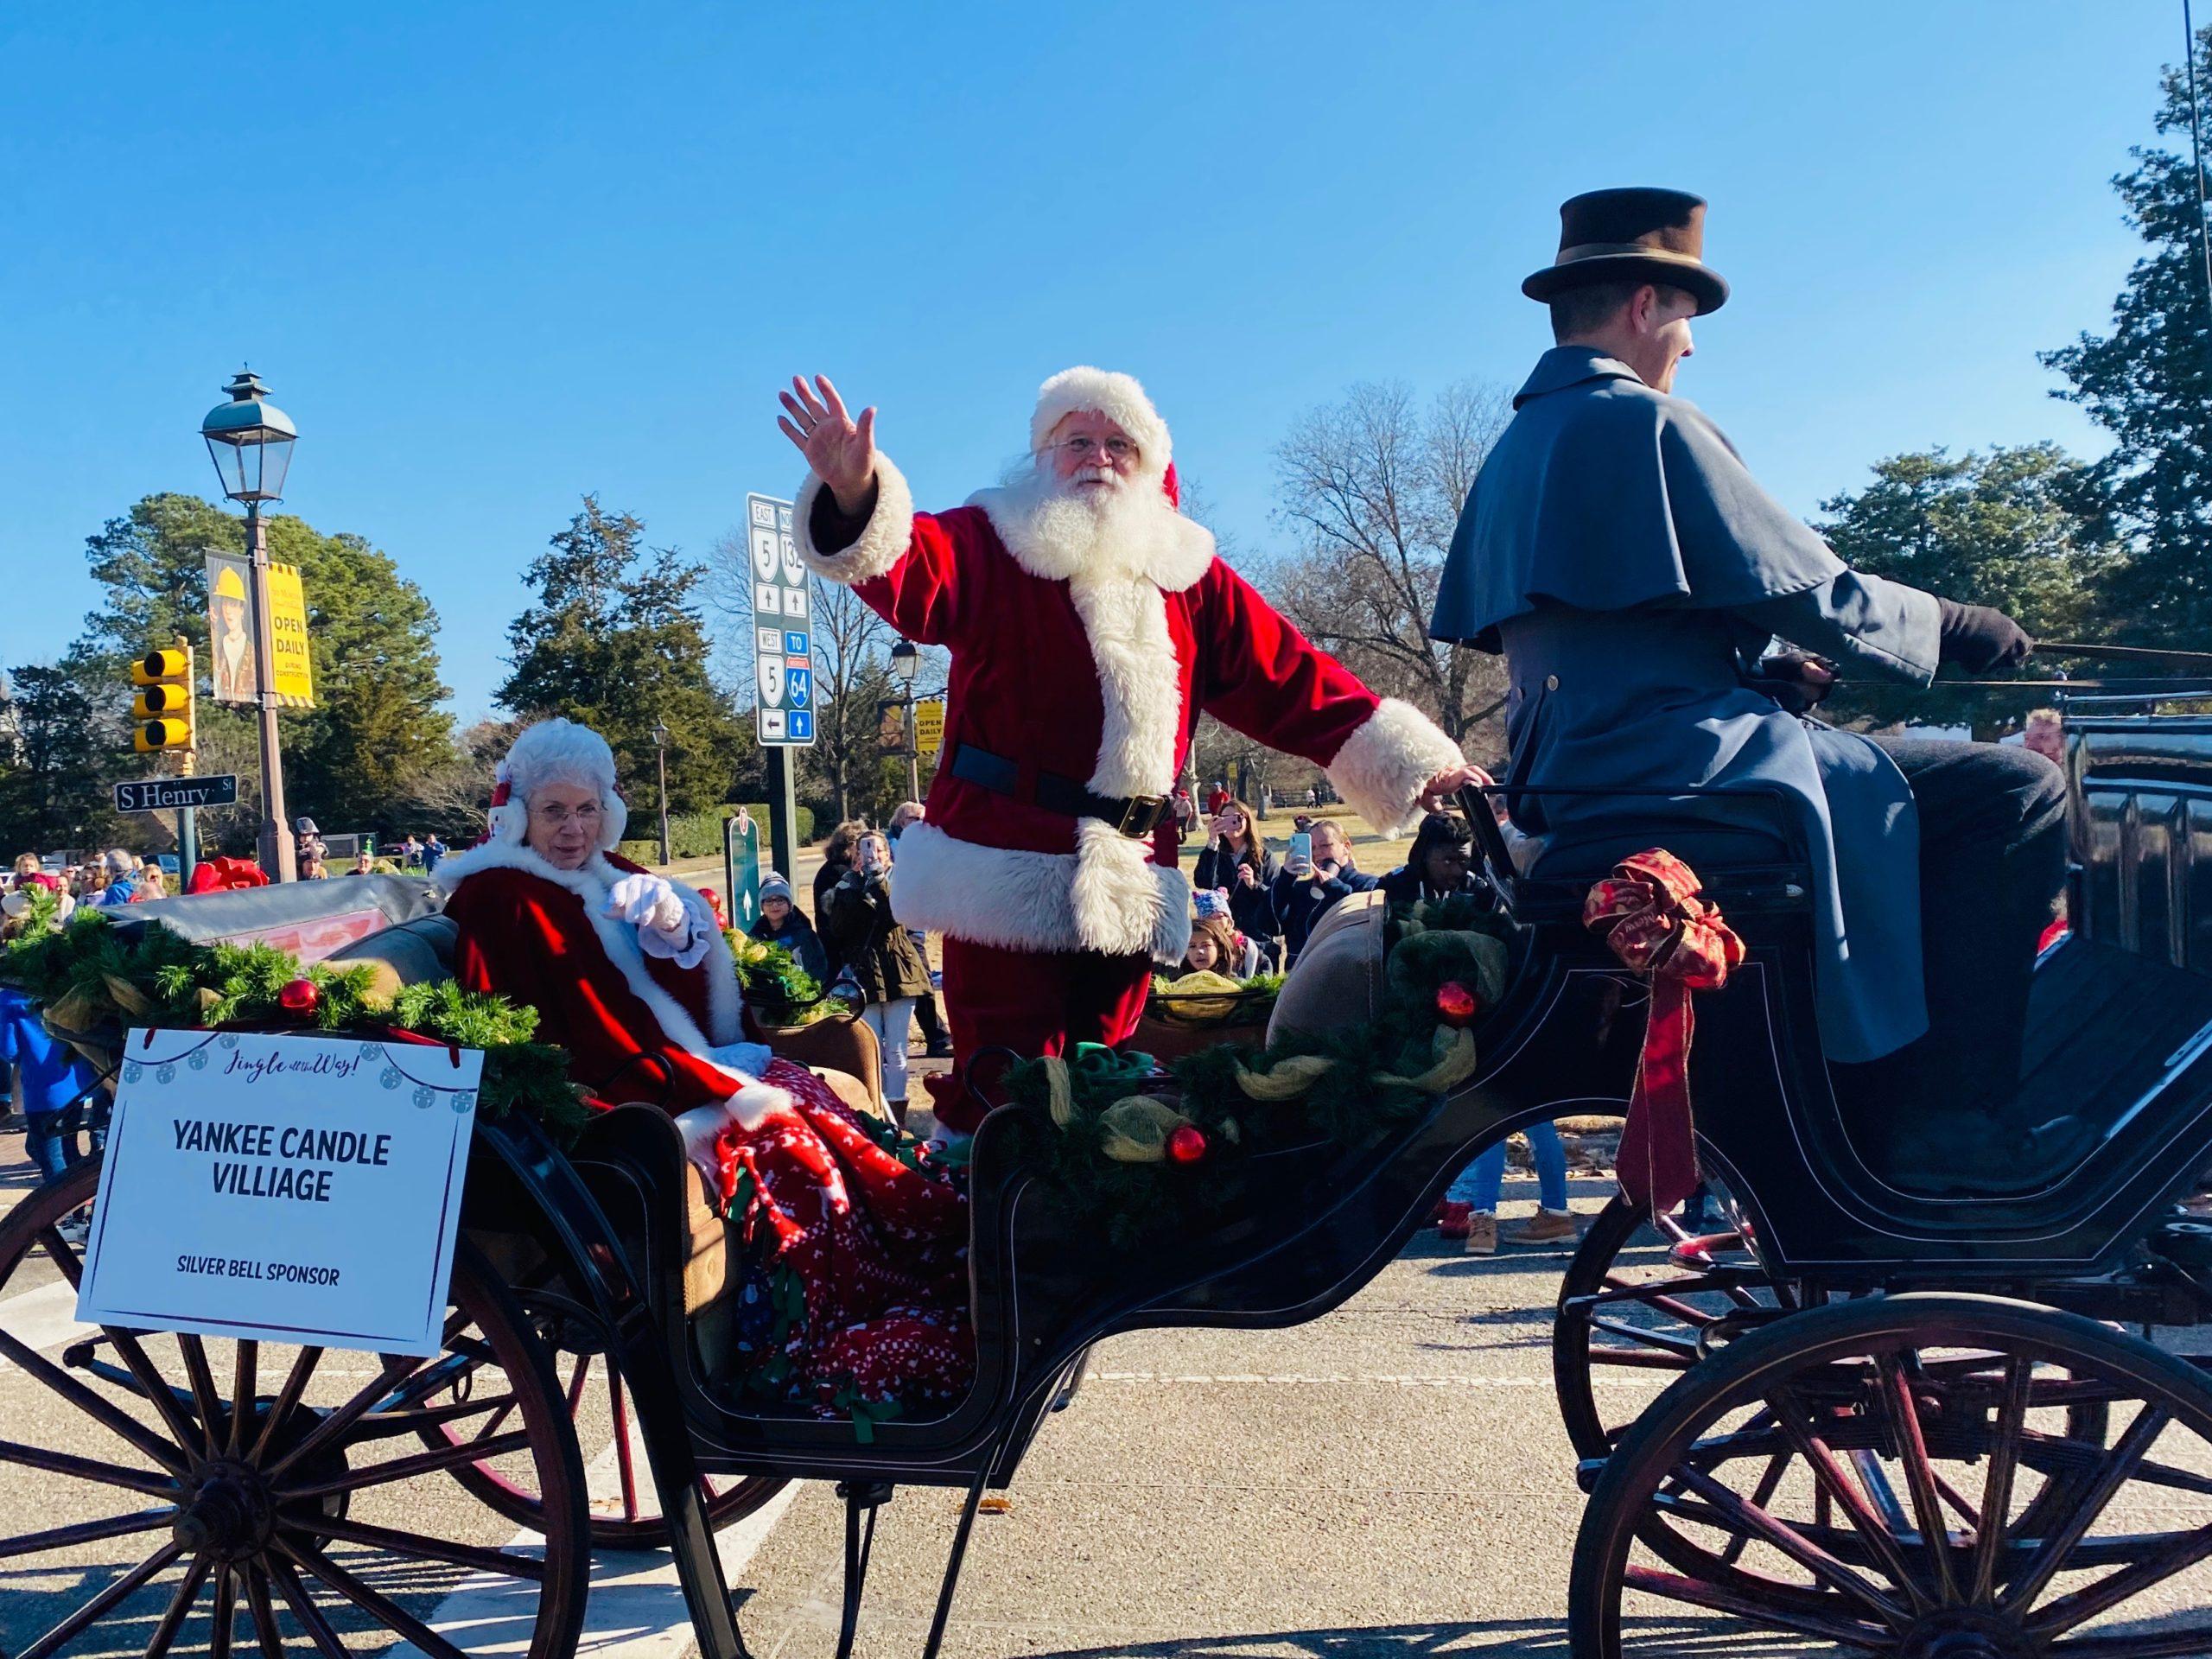 williamsburg-virginia-2019-christmas-parade